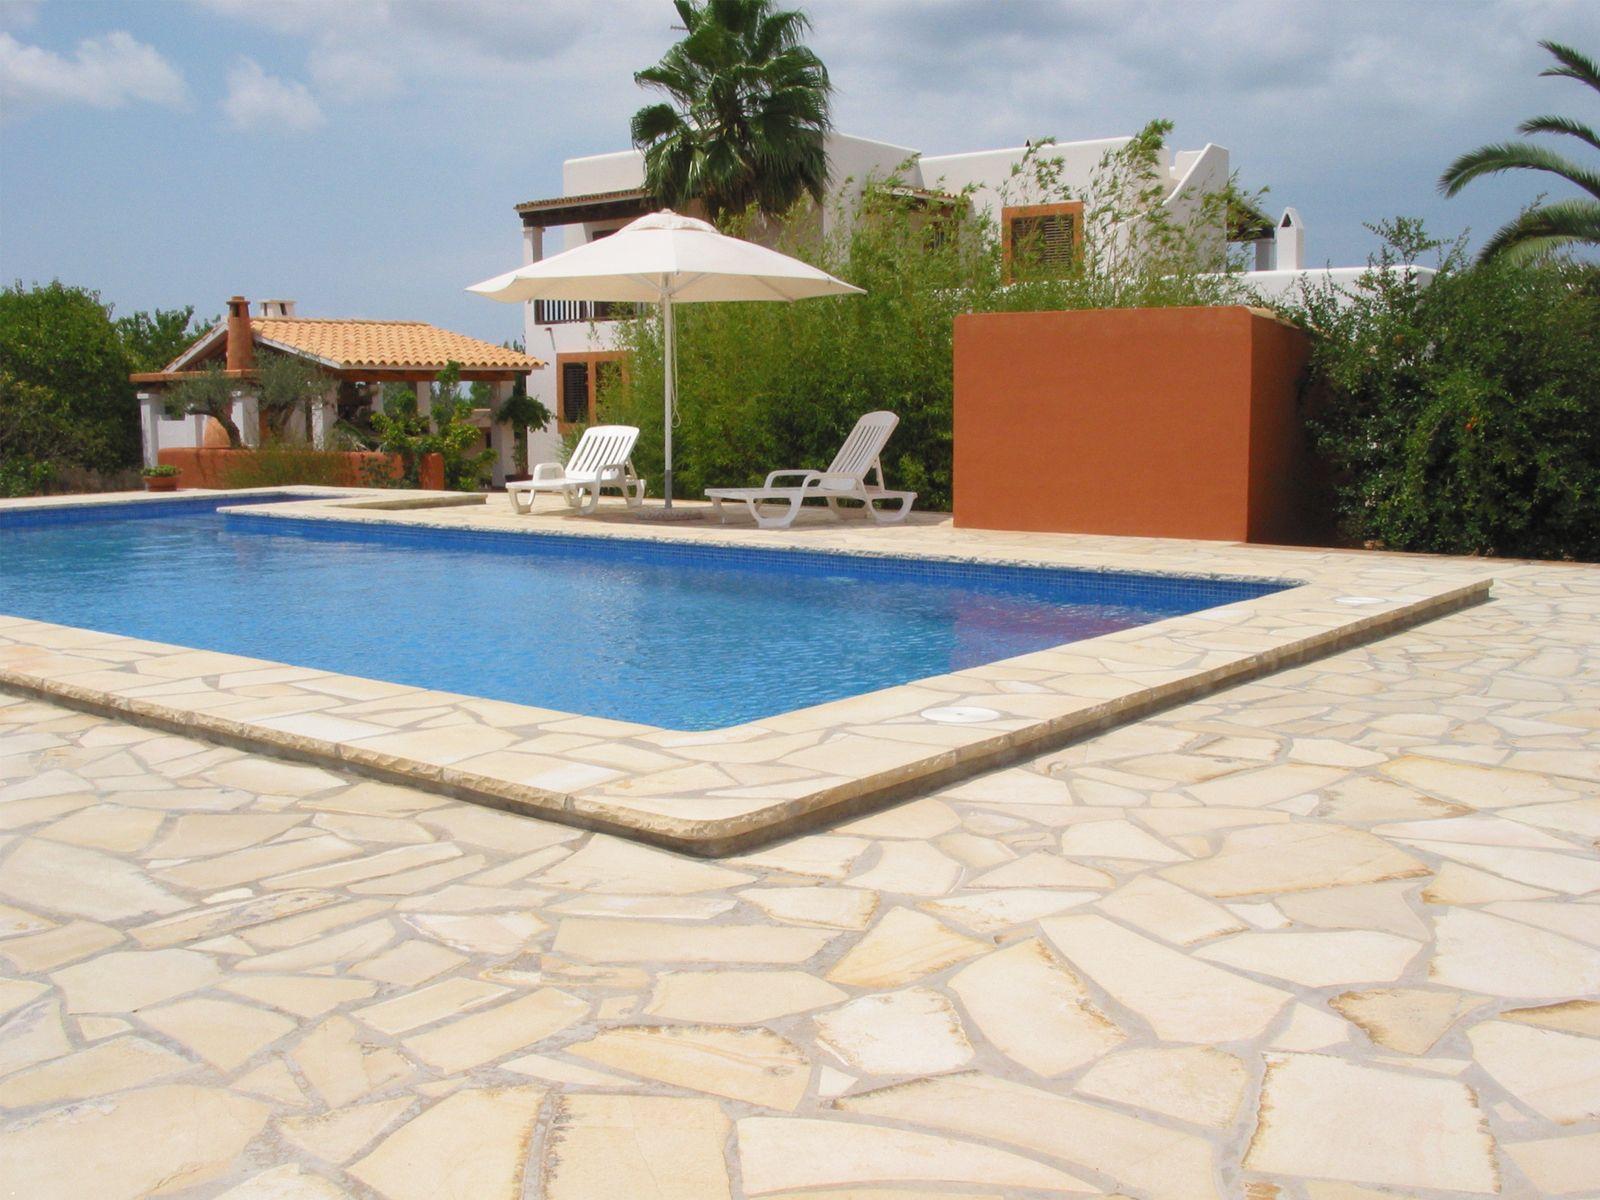 Piedra natural solnhofen caliza para pavimento de piscina - Suelos piscinas exteriores ...